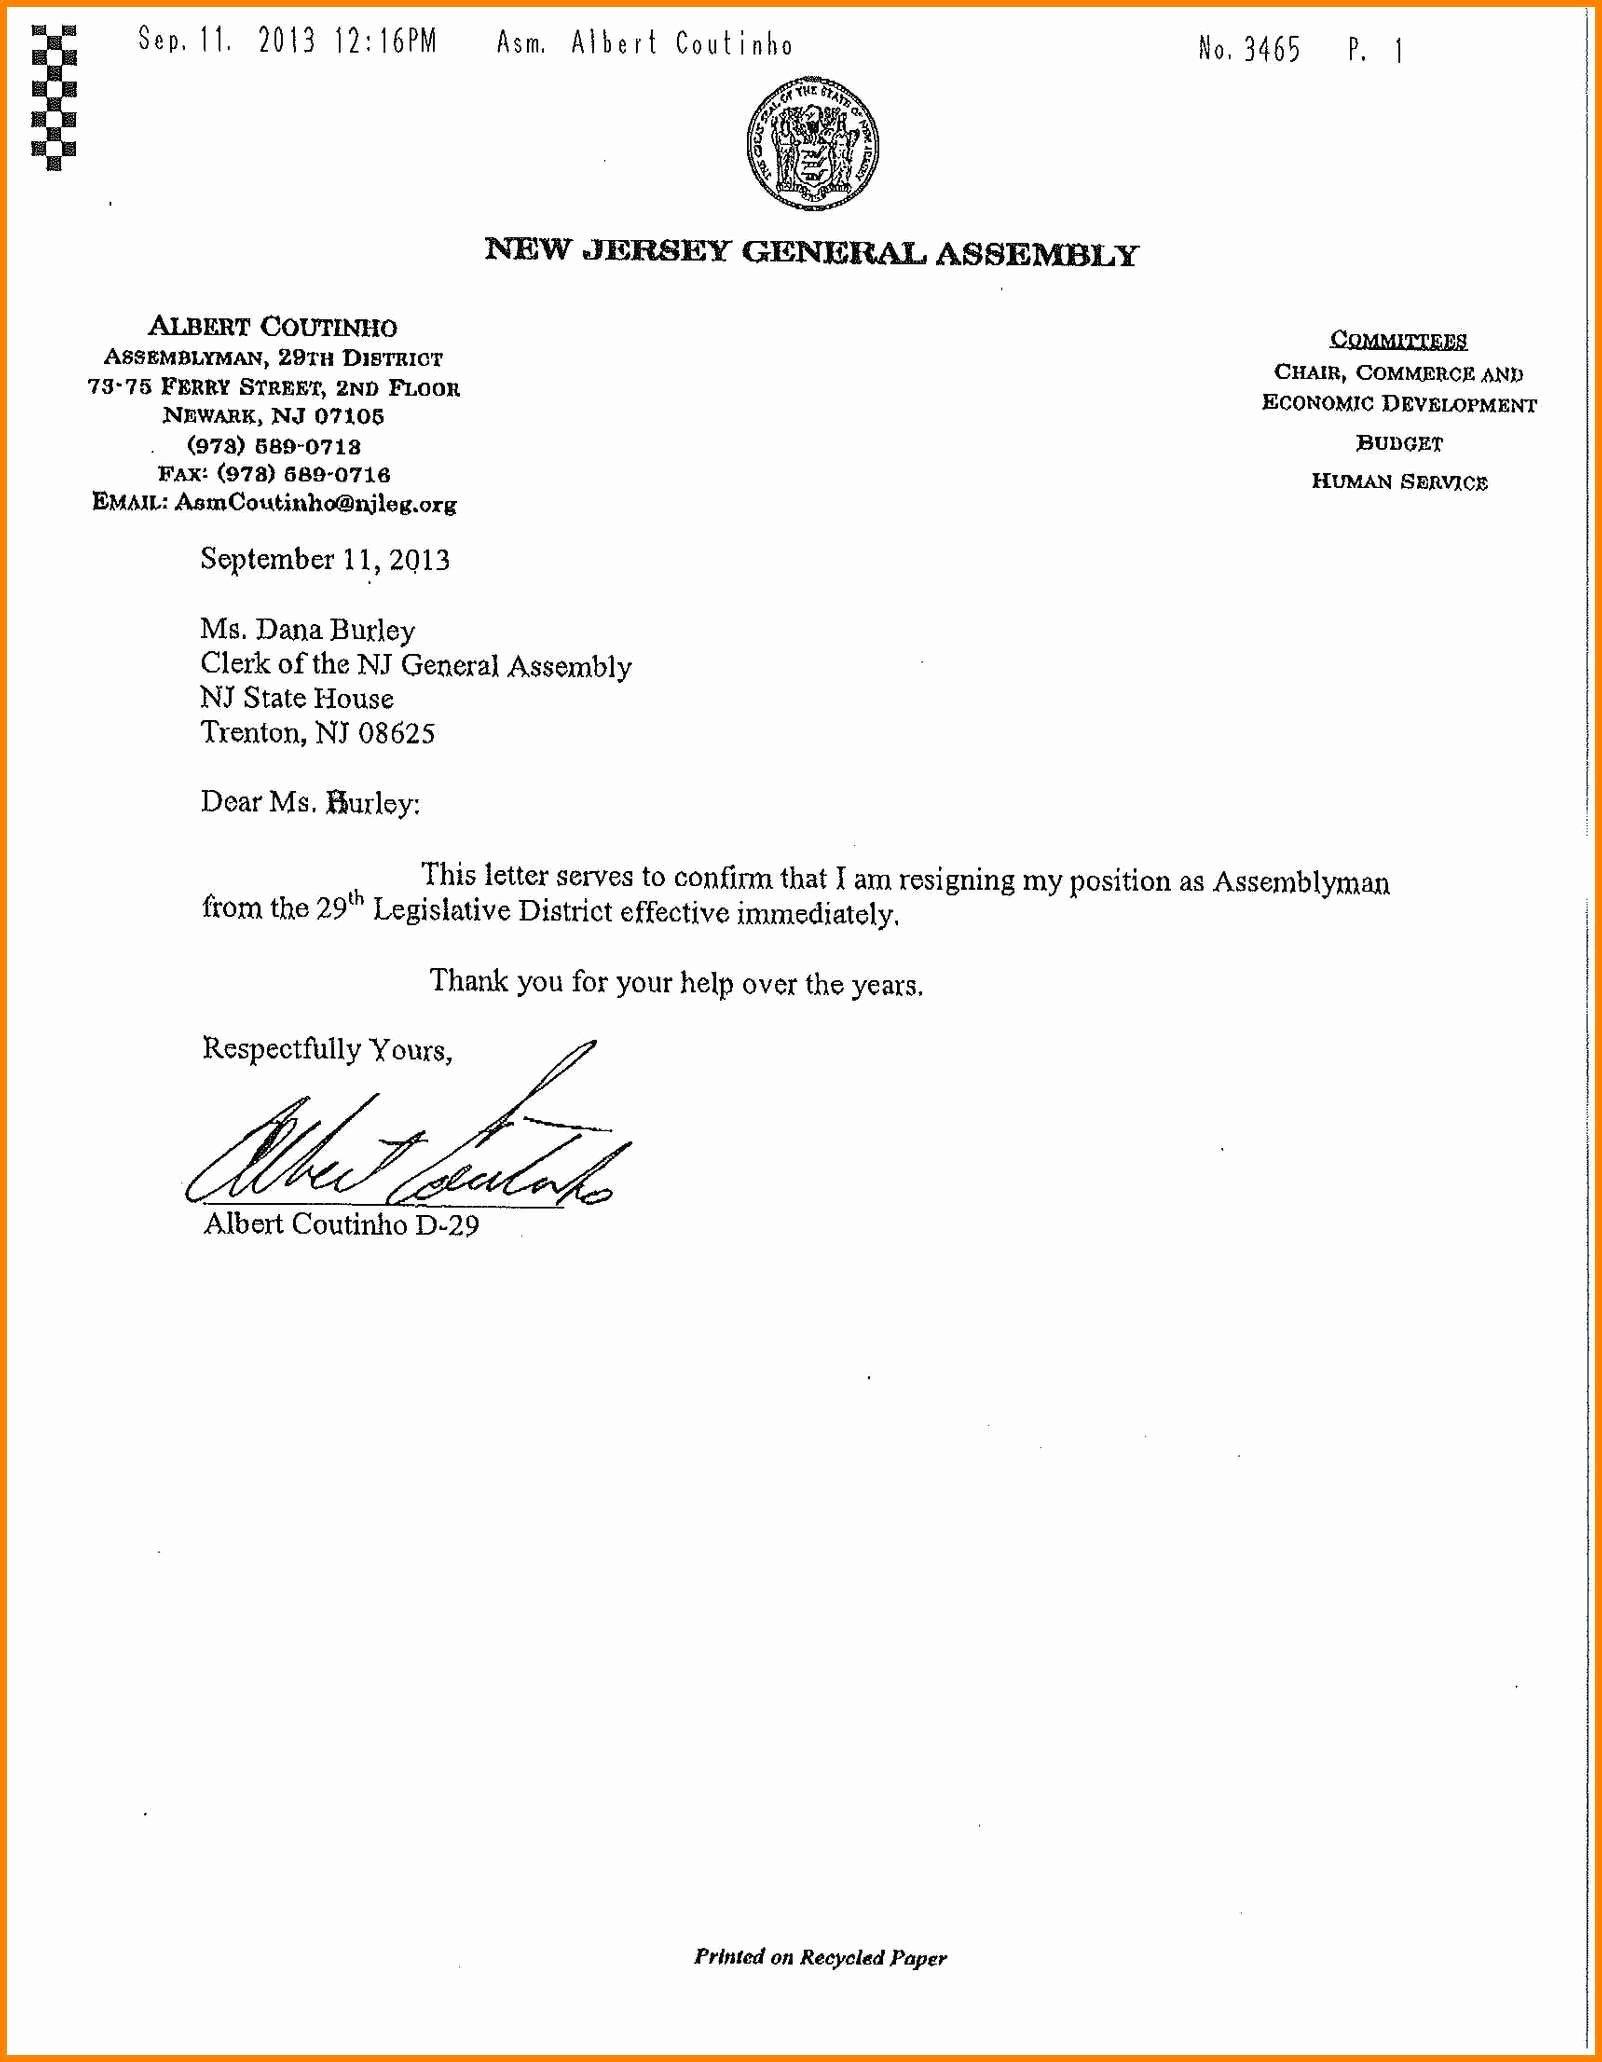 Resignation Letter Effective Immediately Best Of 6 Effective Immediately Resignation